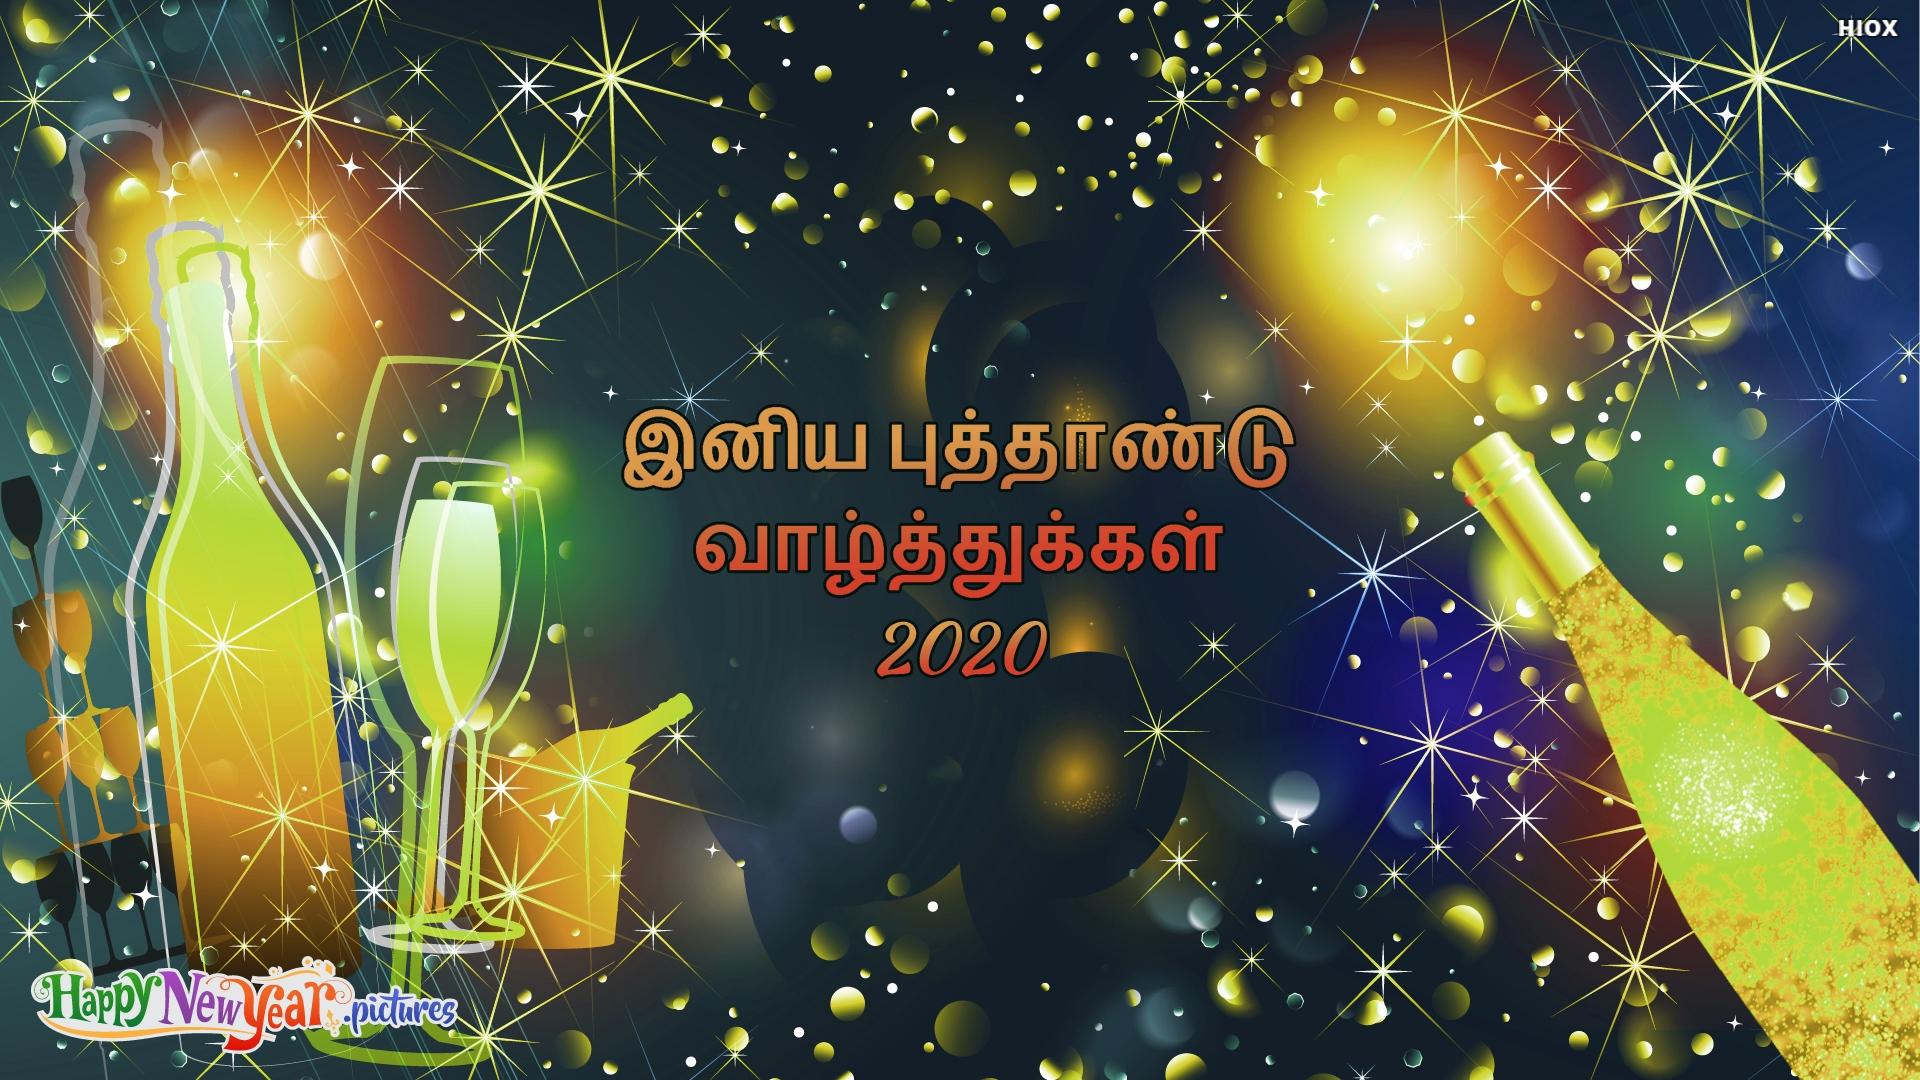 புத்தாண்டு வாழ்த்துக்கள் 2020